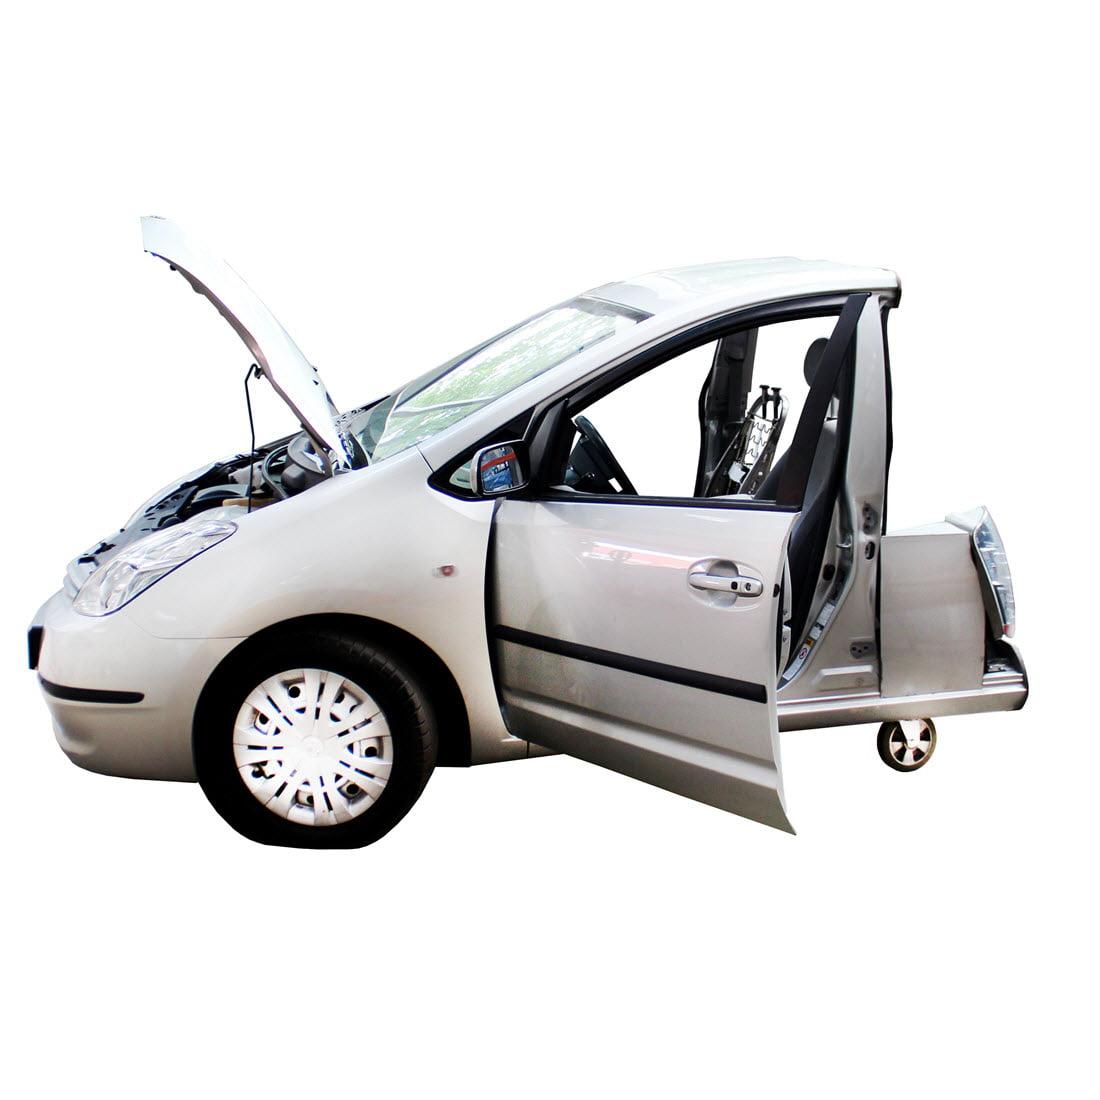 PMTP1-hybrid-functional-model